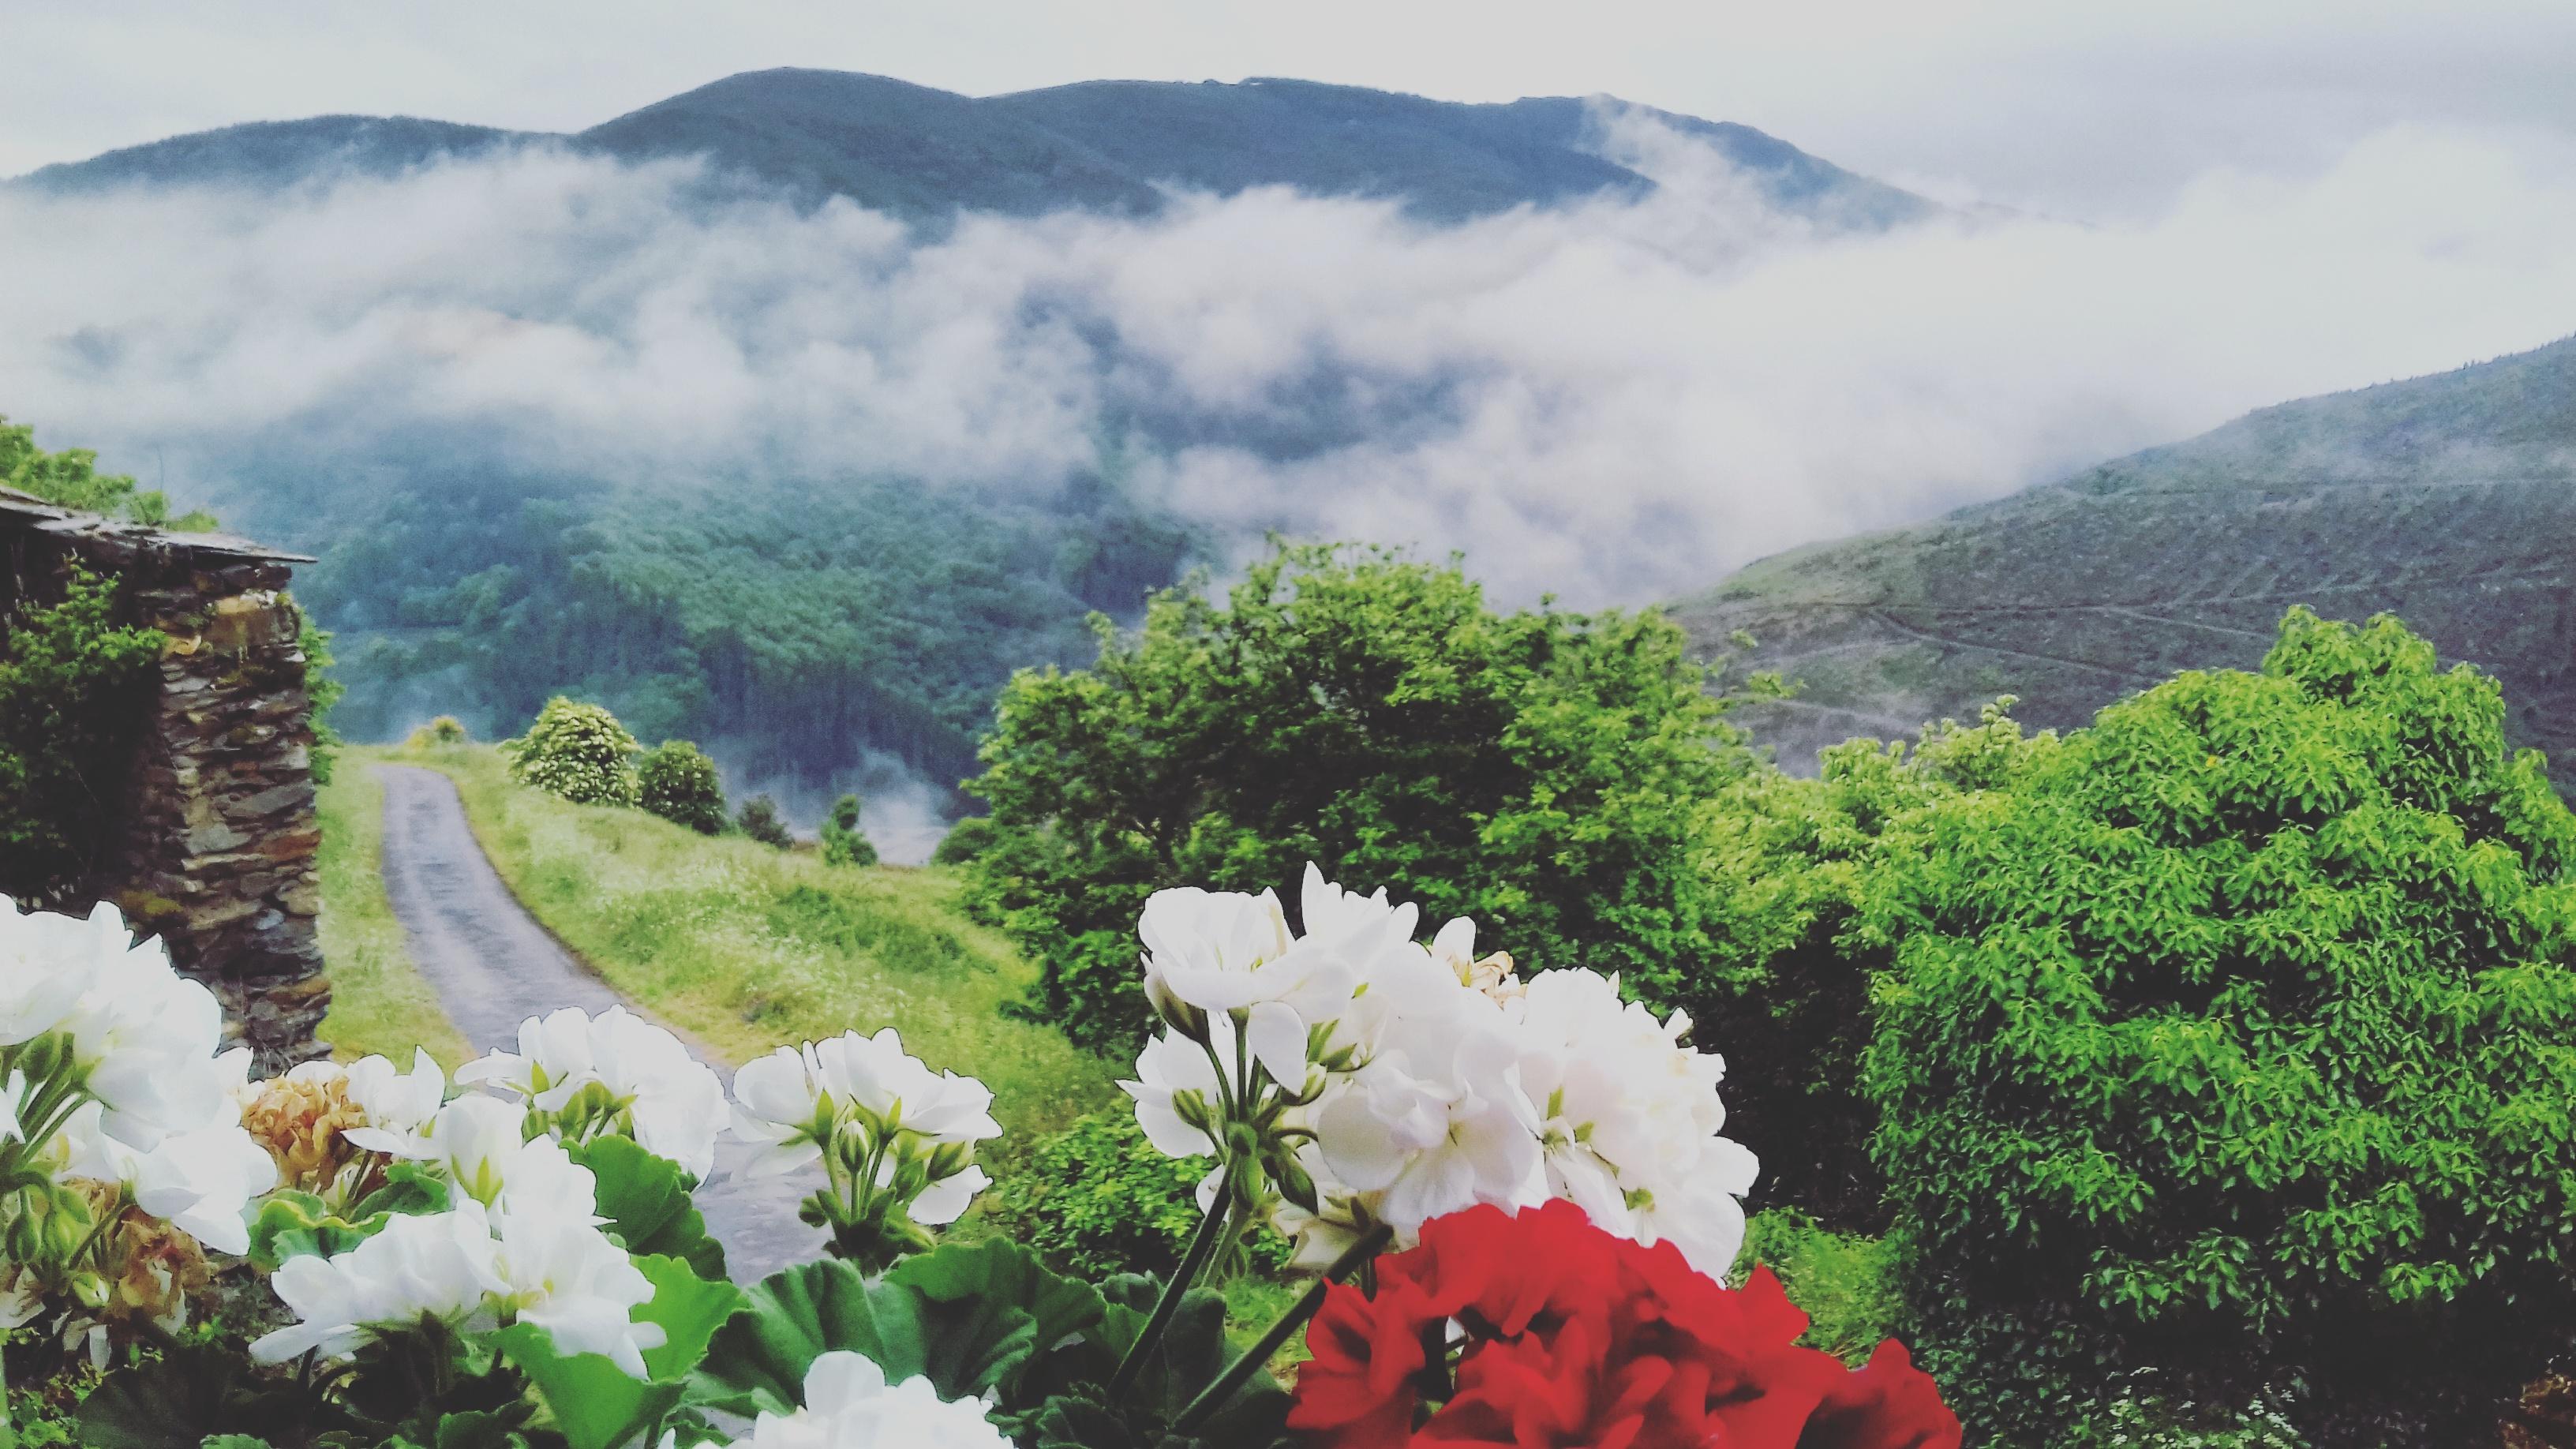 camino-de-santiago-camino-primitivo-sonsoles-lozano-37